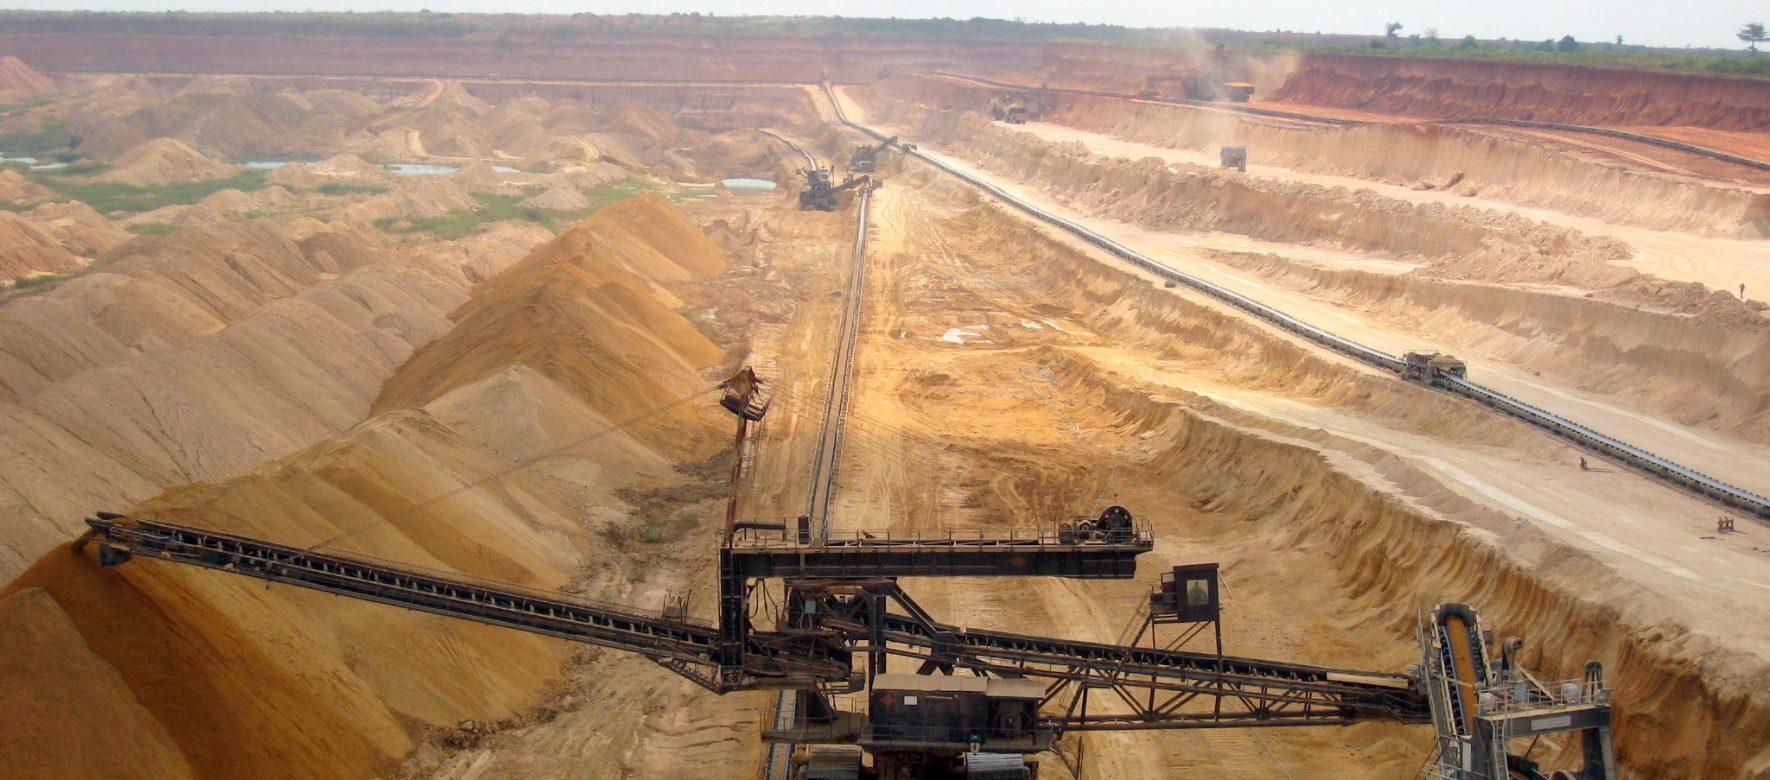 4,1 milliards d'euros vont être investis dans le phosphate en Algérie